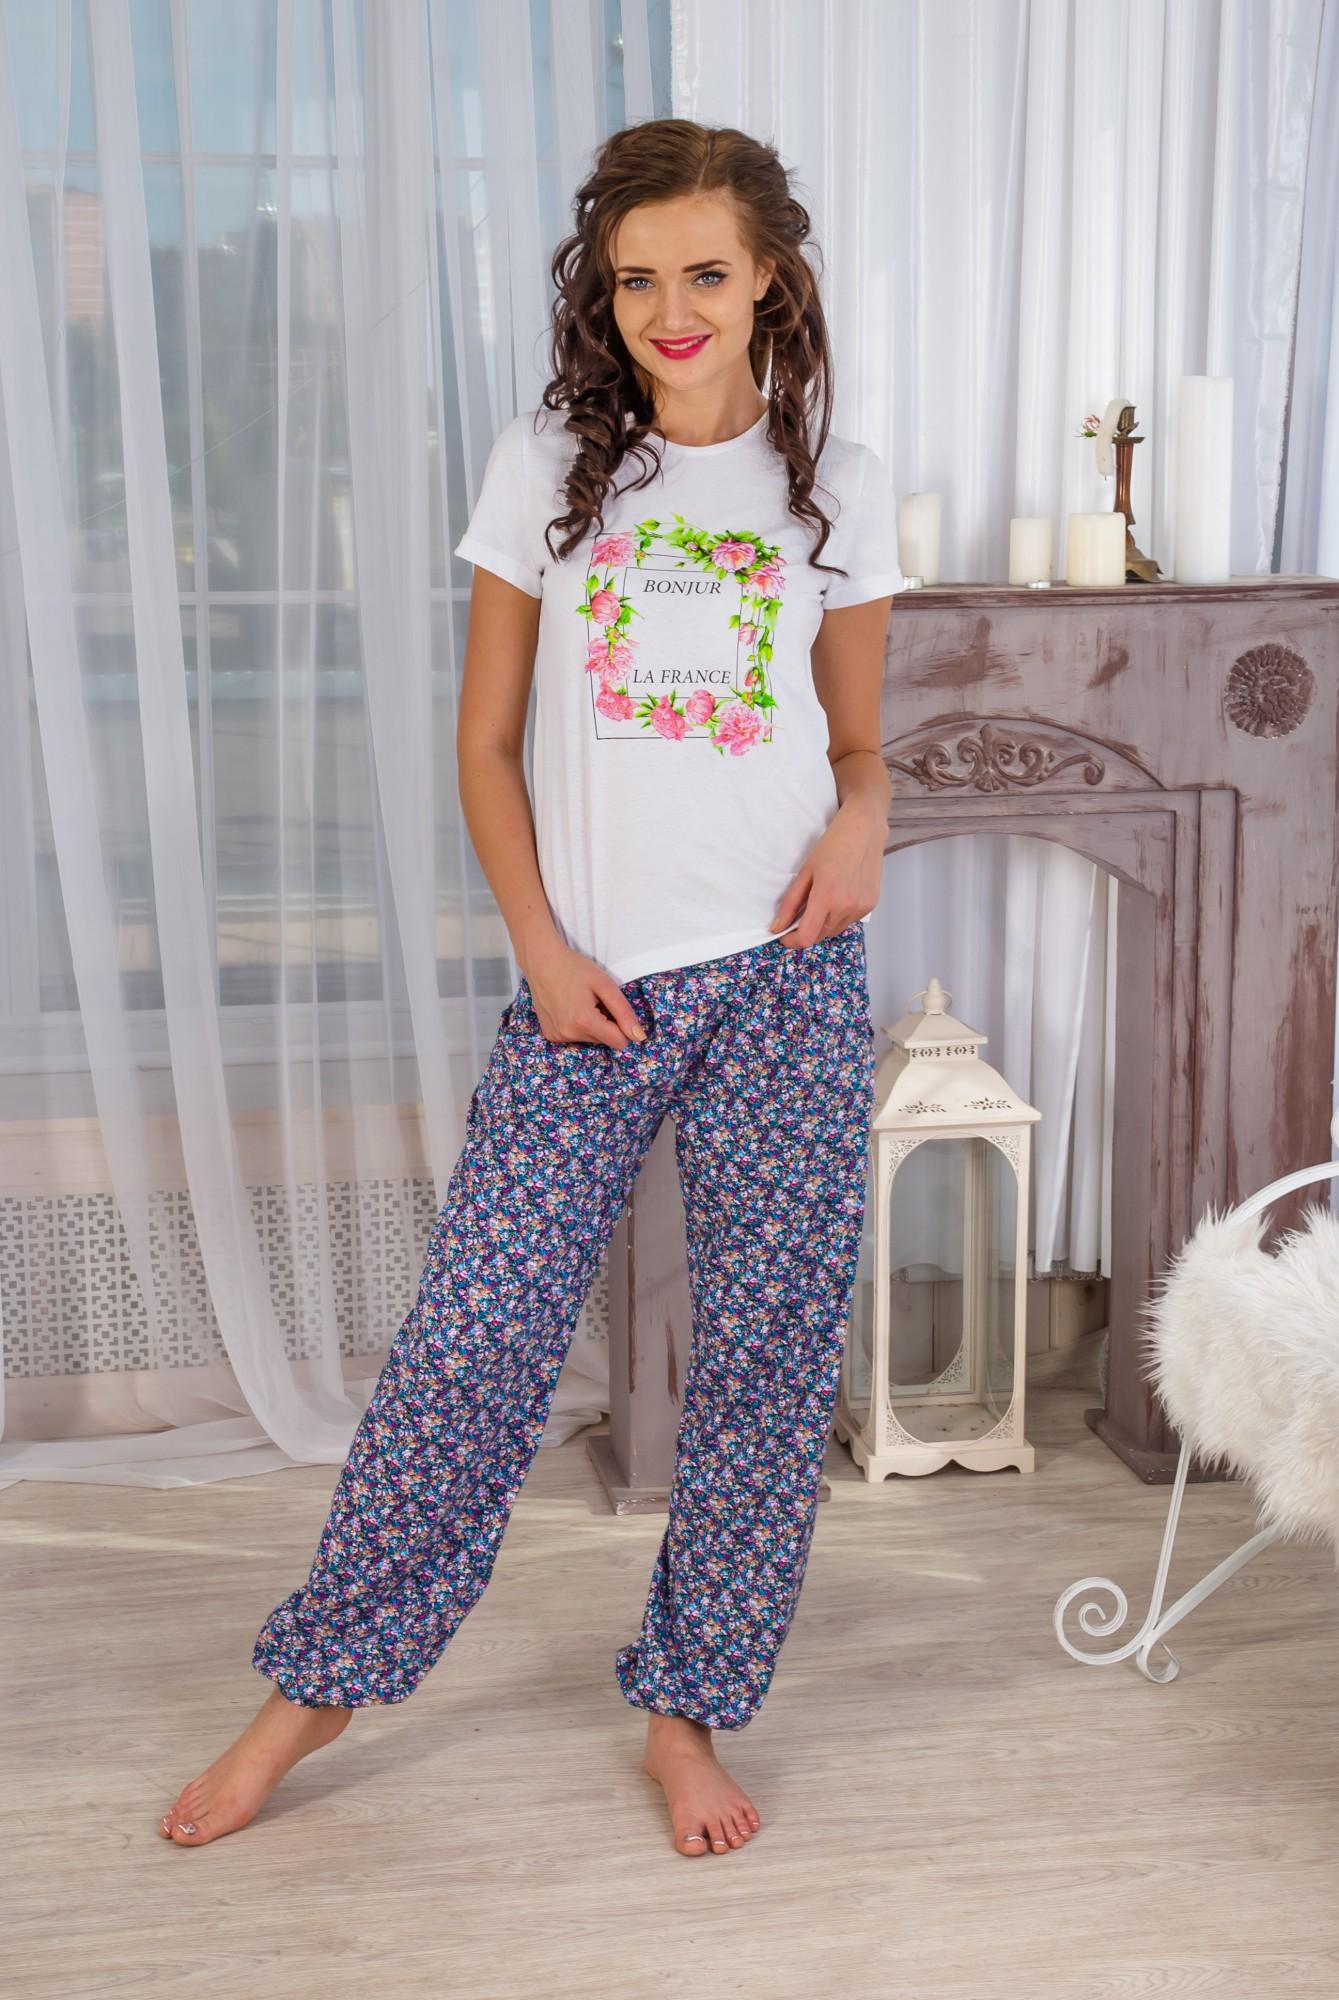 Костюм женский Бонжурфутболка и брюкиДомашние комплекты, костюмы<br><br><br>Размер: 56